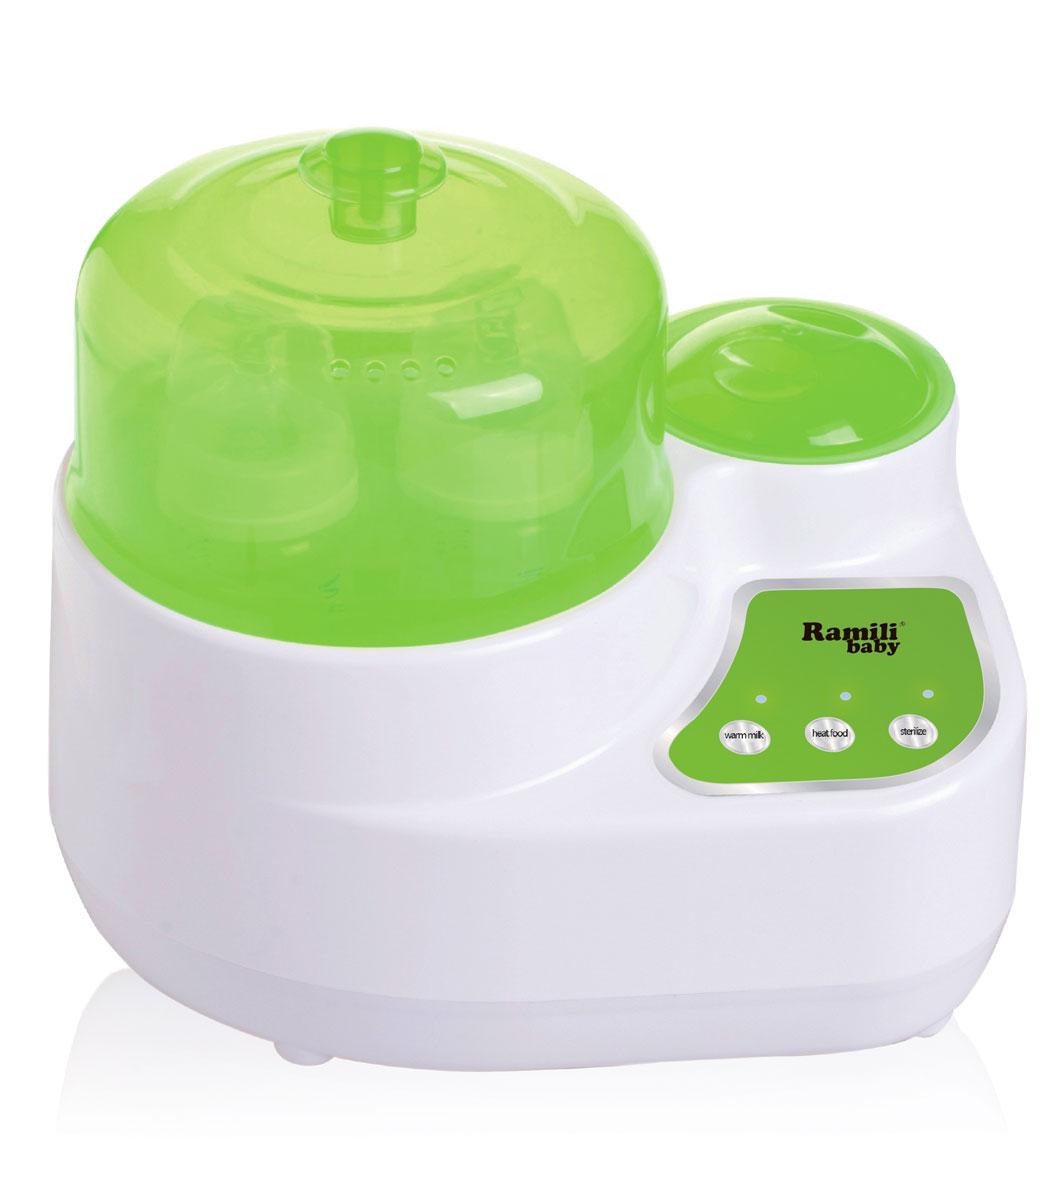 Ramili Стерилизатор-подогреватель бутылочек и детского питания BSS250 3 в 1 универсальный - Все для детского кормления